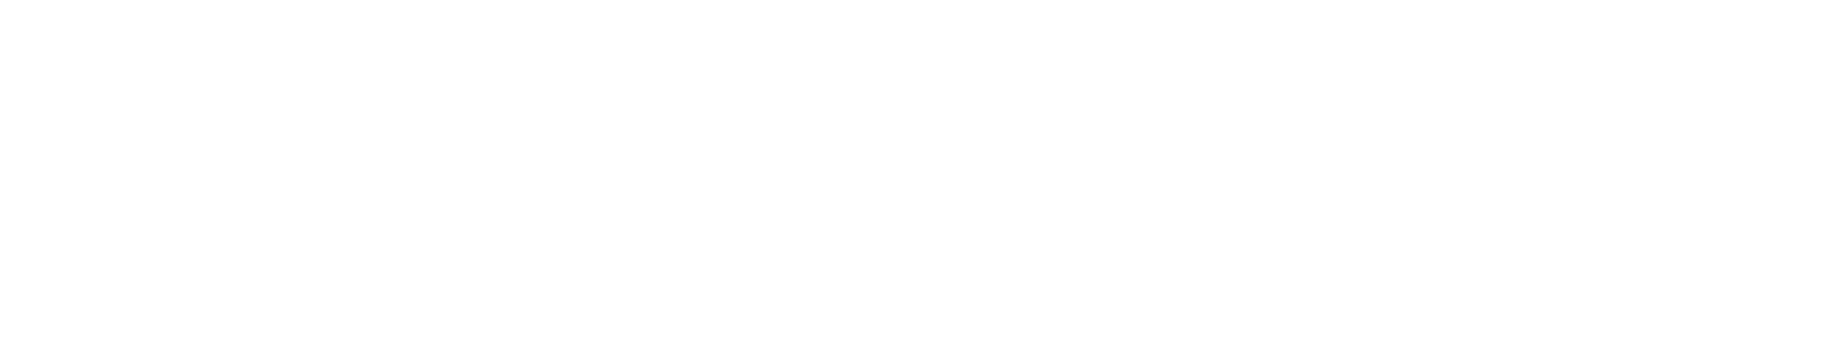 Logotipo de la clínica en blanco